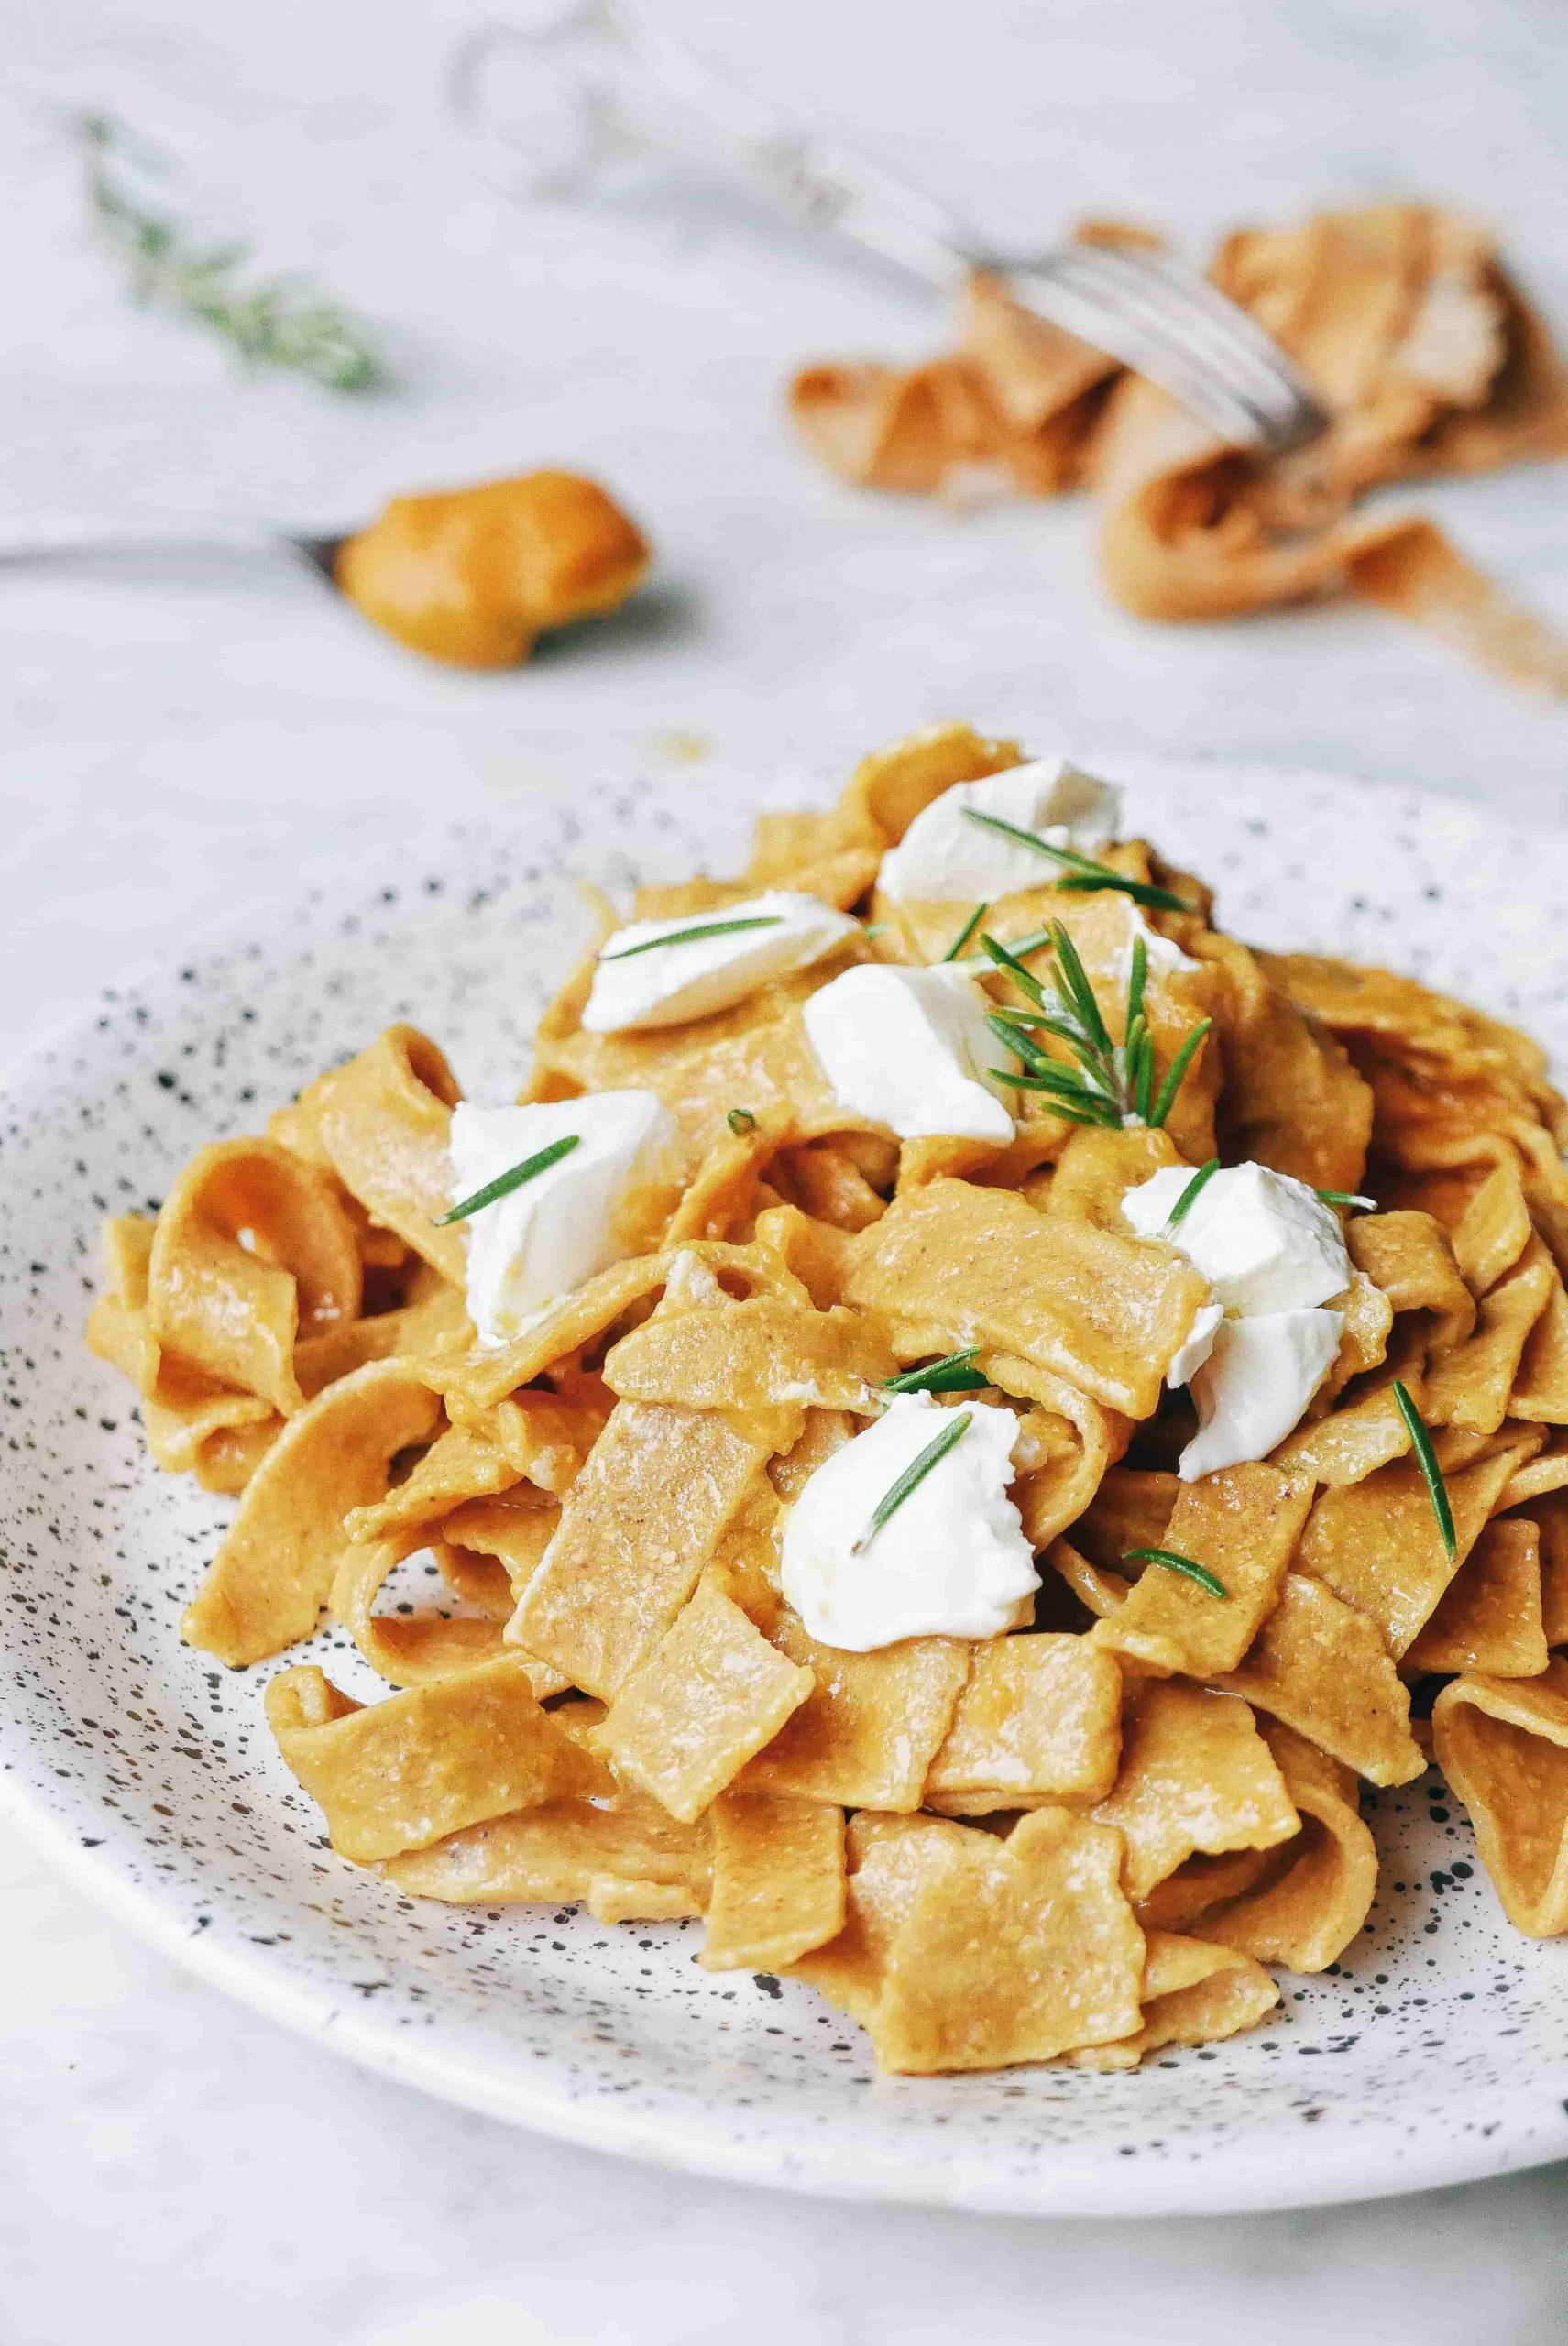 recette tagliatelles saines farine de pois chiche sans gluten curry et romarin frais